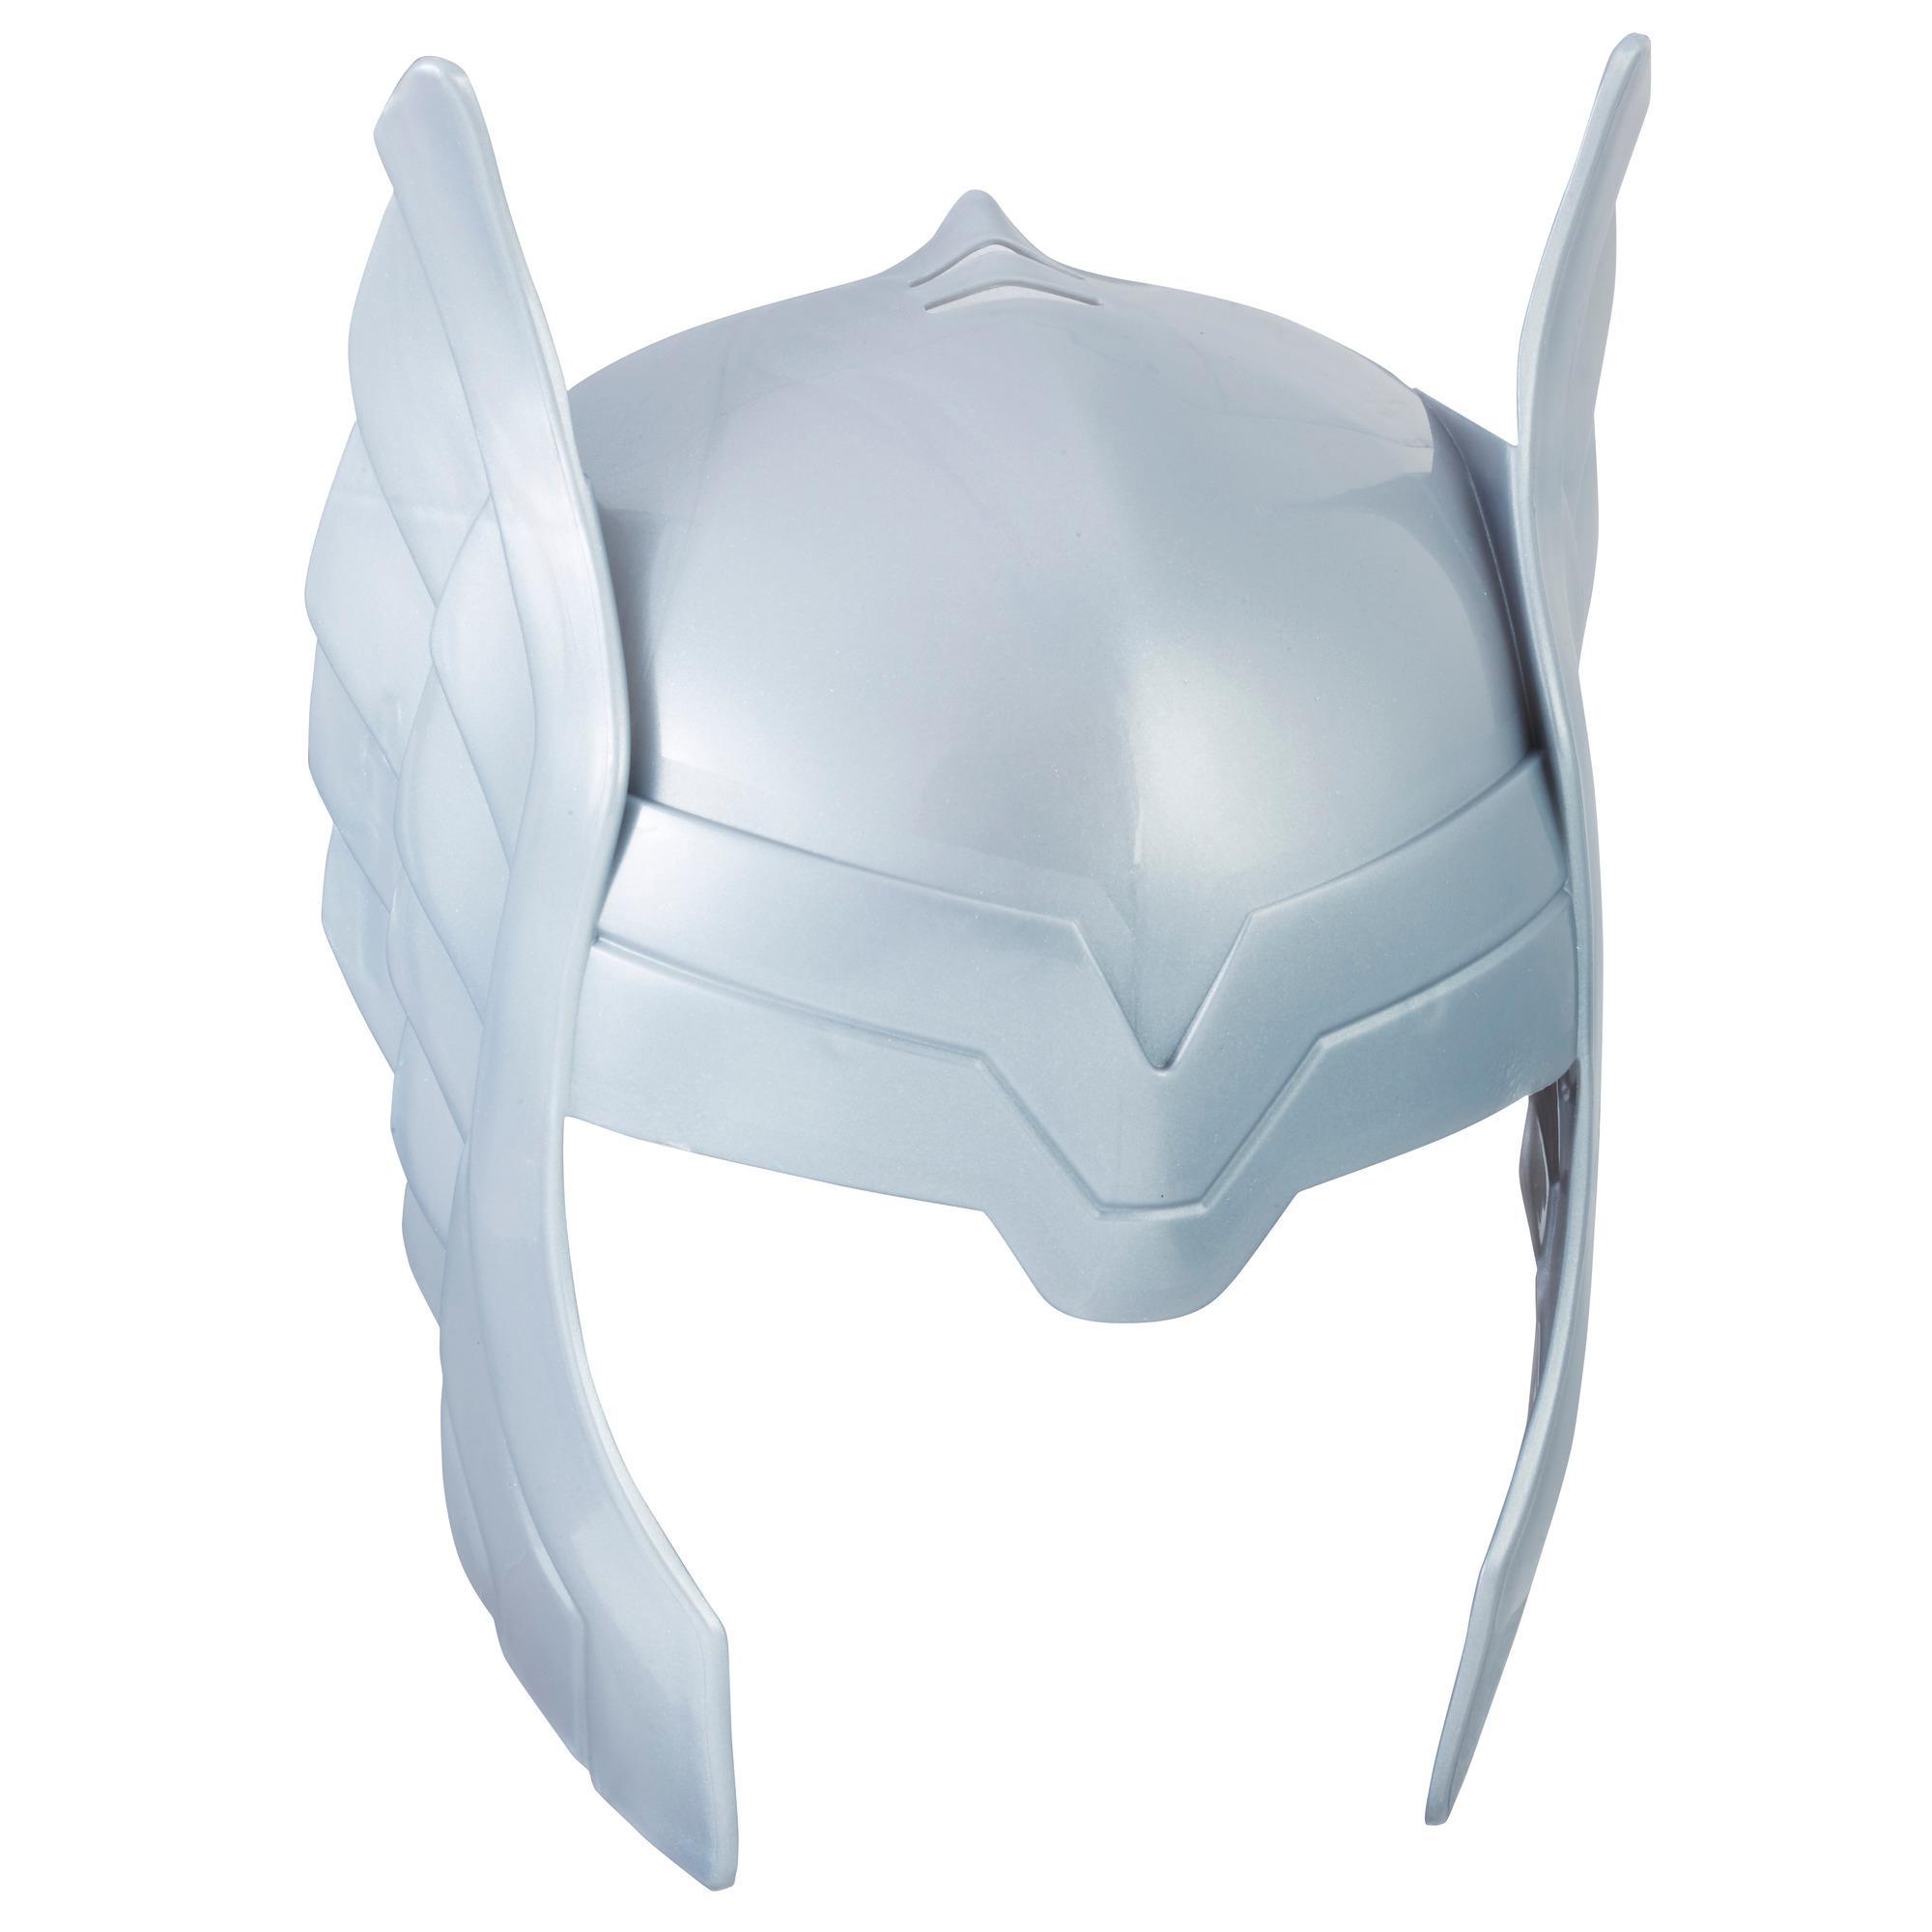 Marvel Avengers Thor Basic Mask